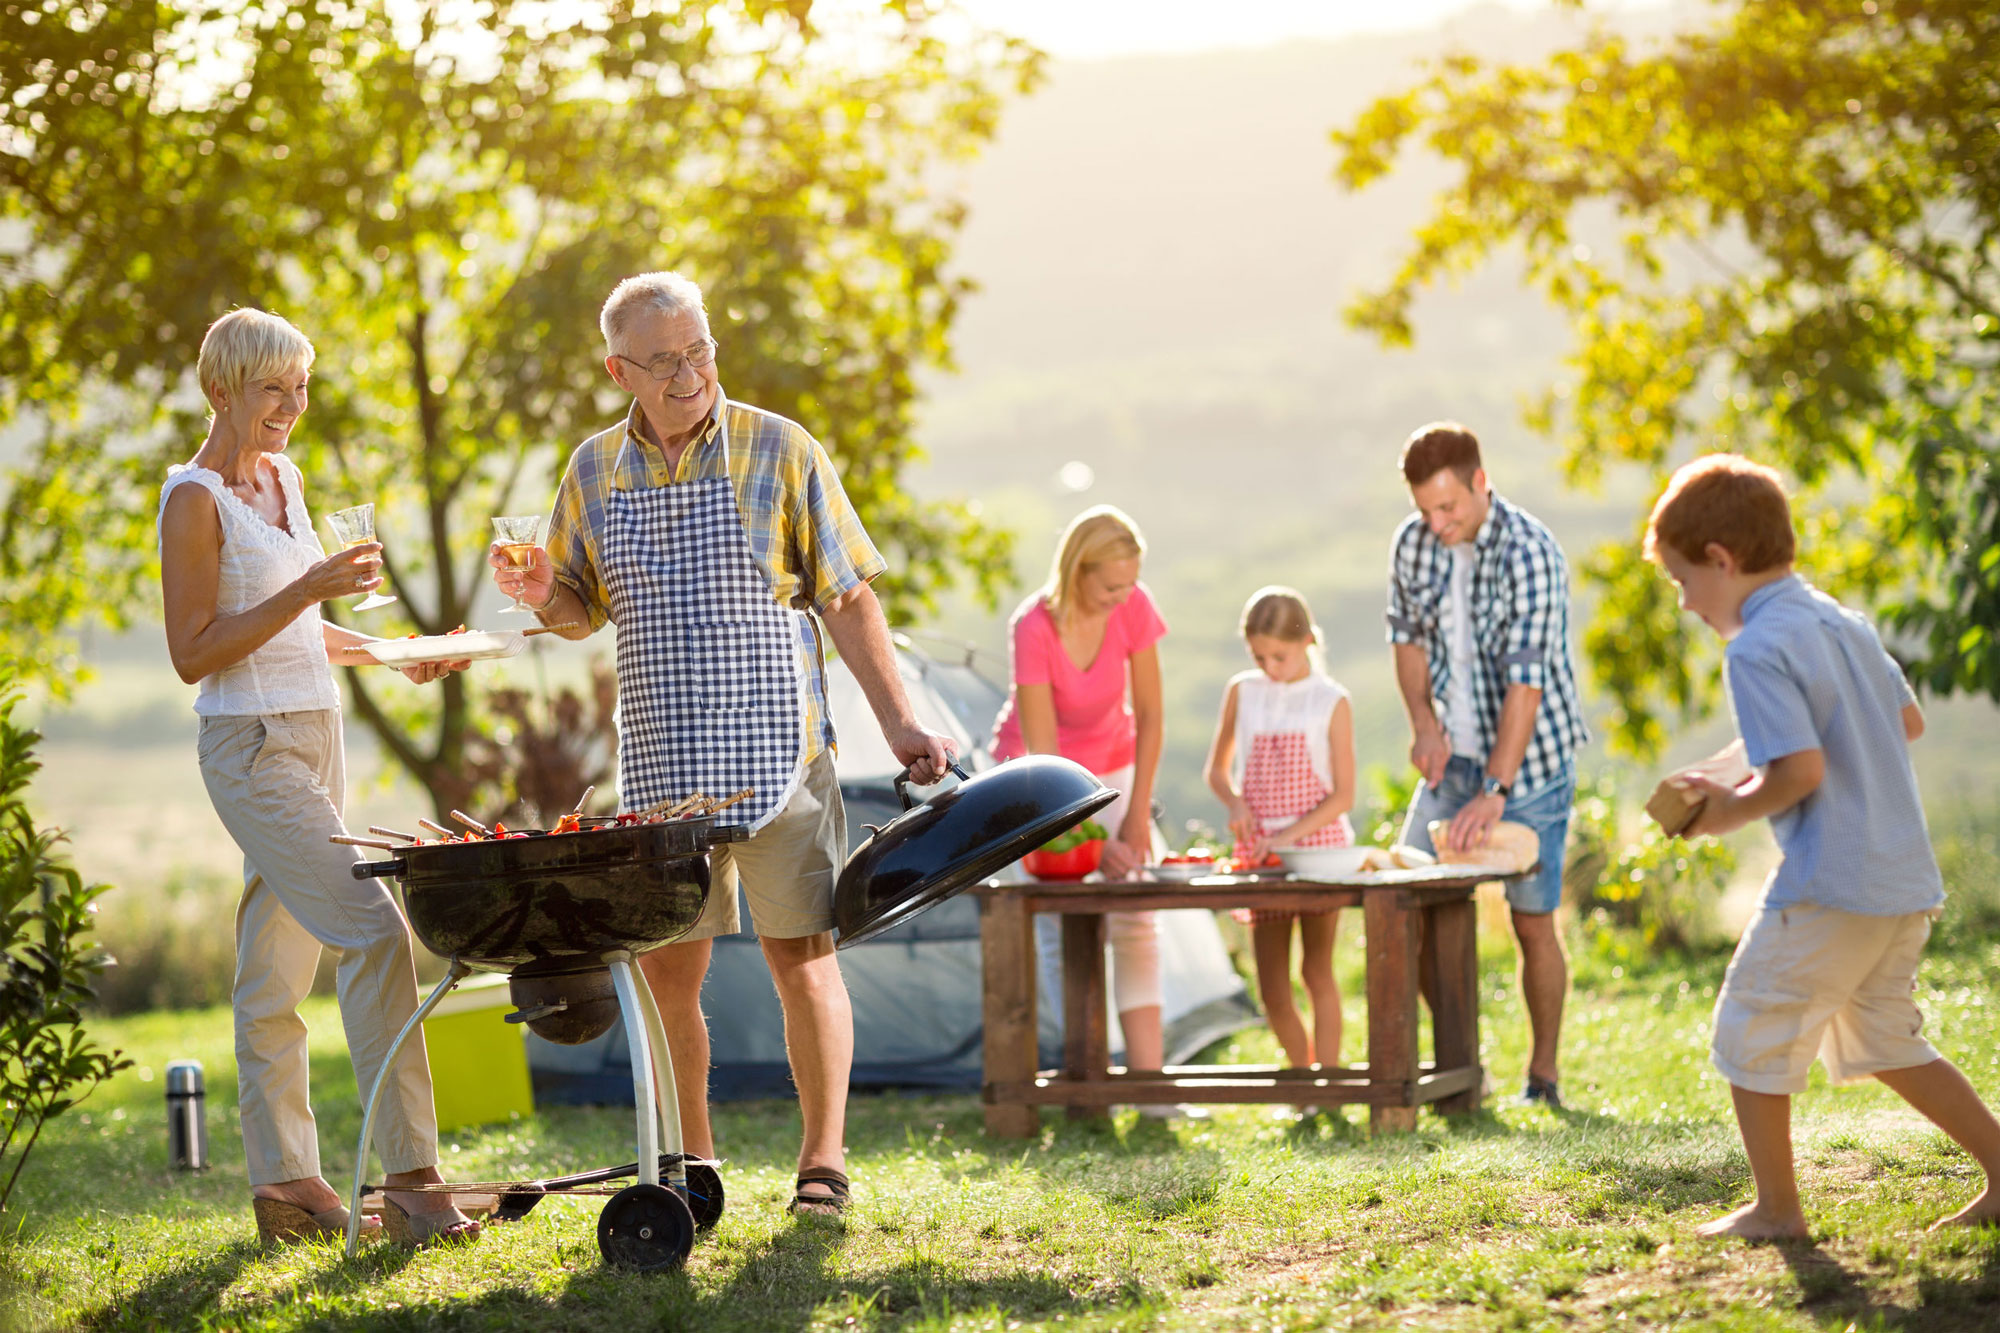 Alt und Jung beim Grillen. © luckybusiness 123rf.com.